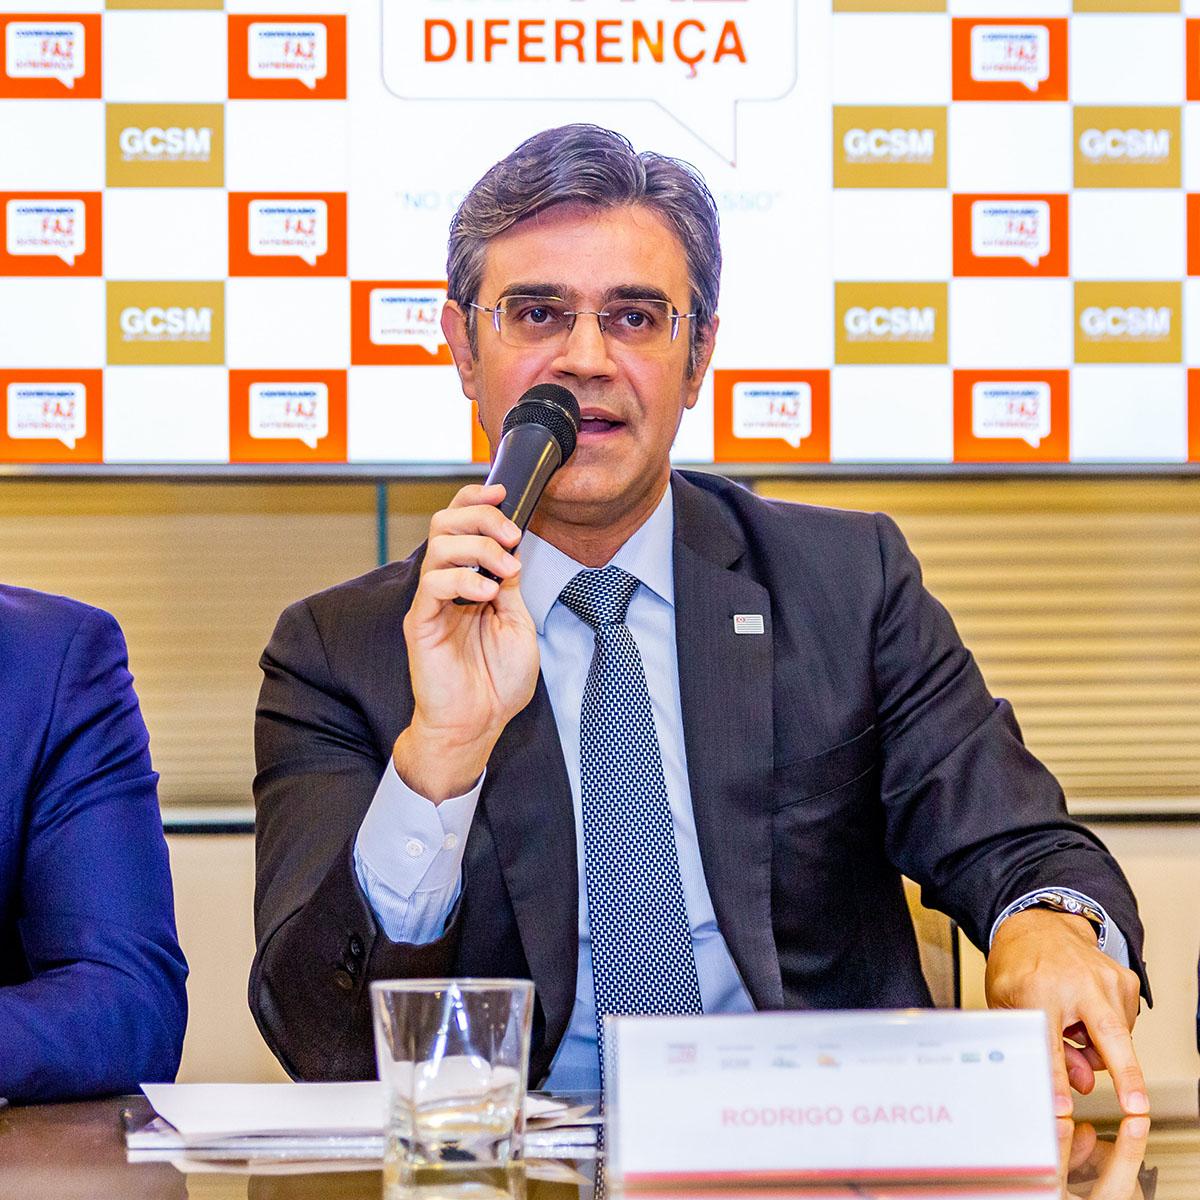 Paulo Dimas Debellis Mascaretti, Rodrigo Garcia